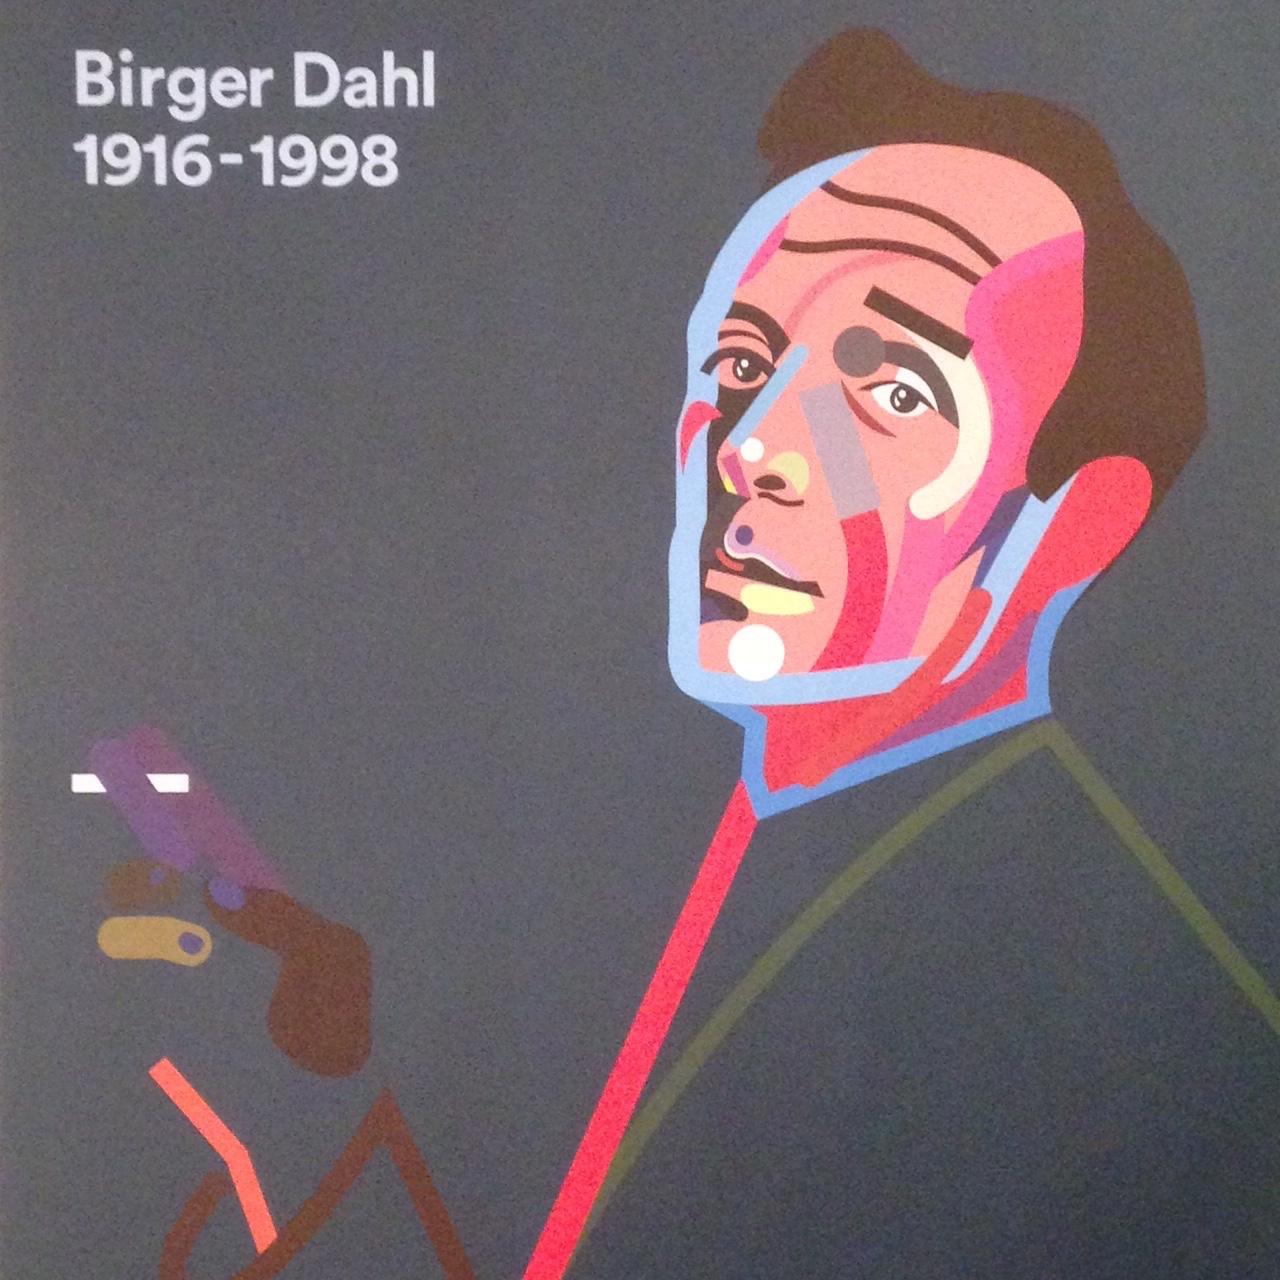 Birger Dahl poster 1916-1998